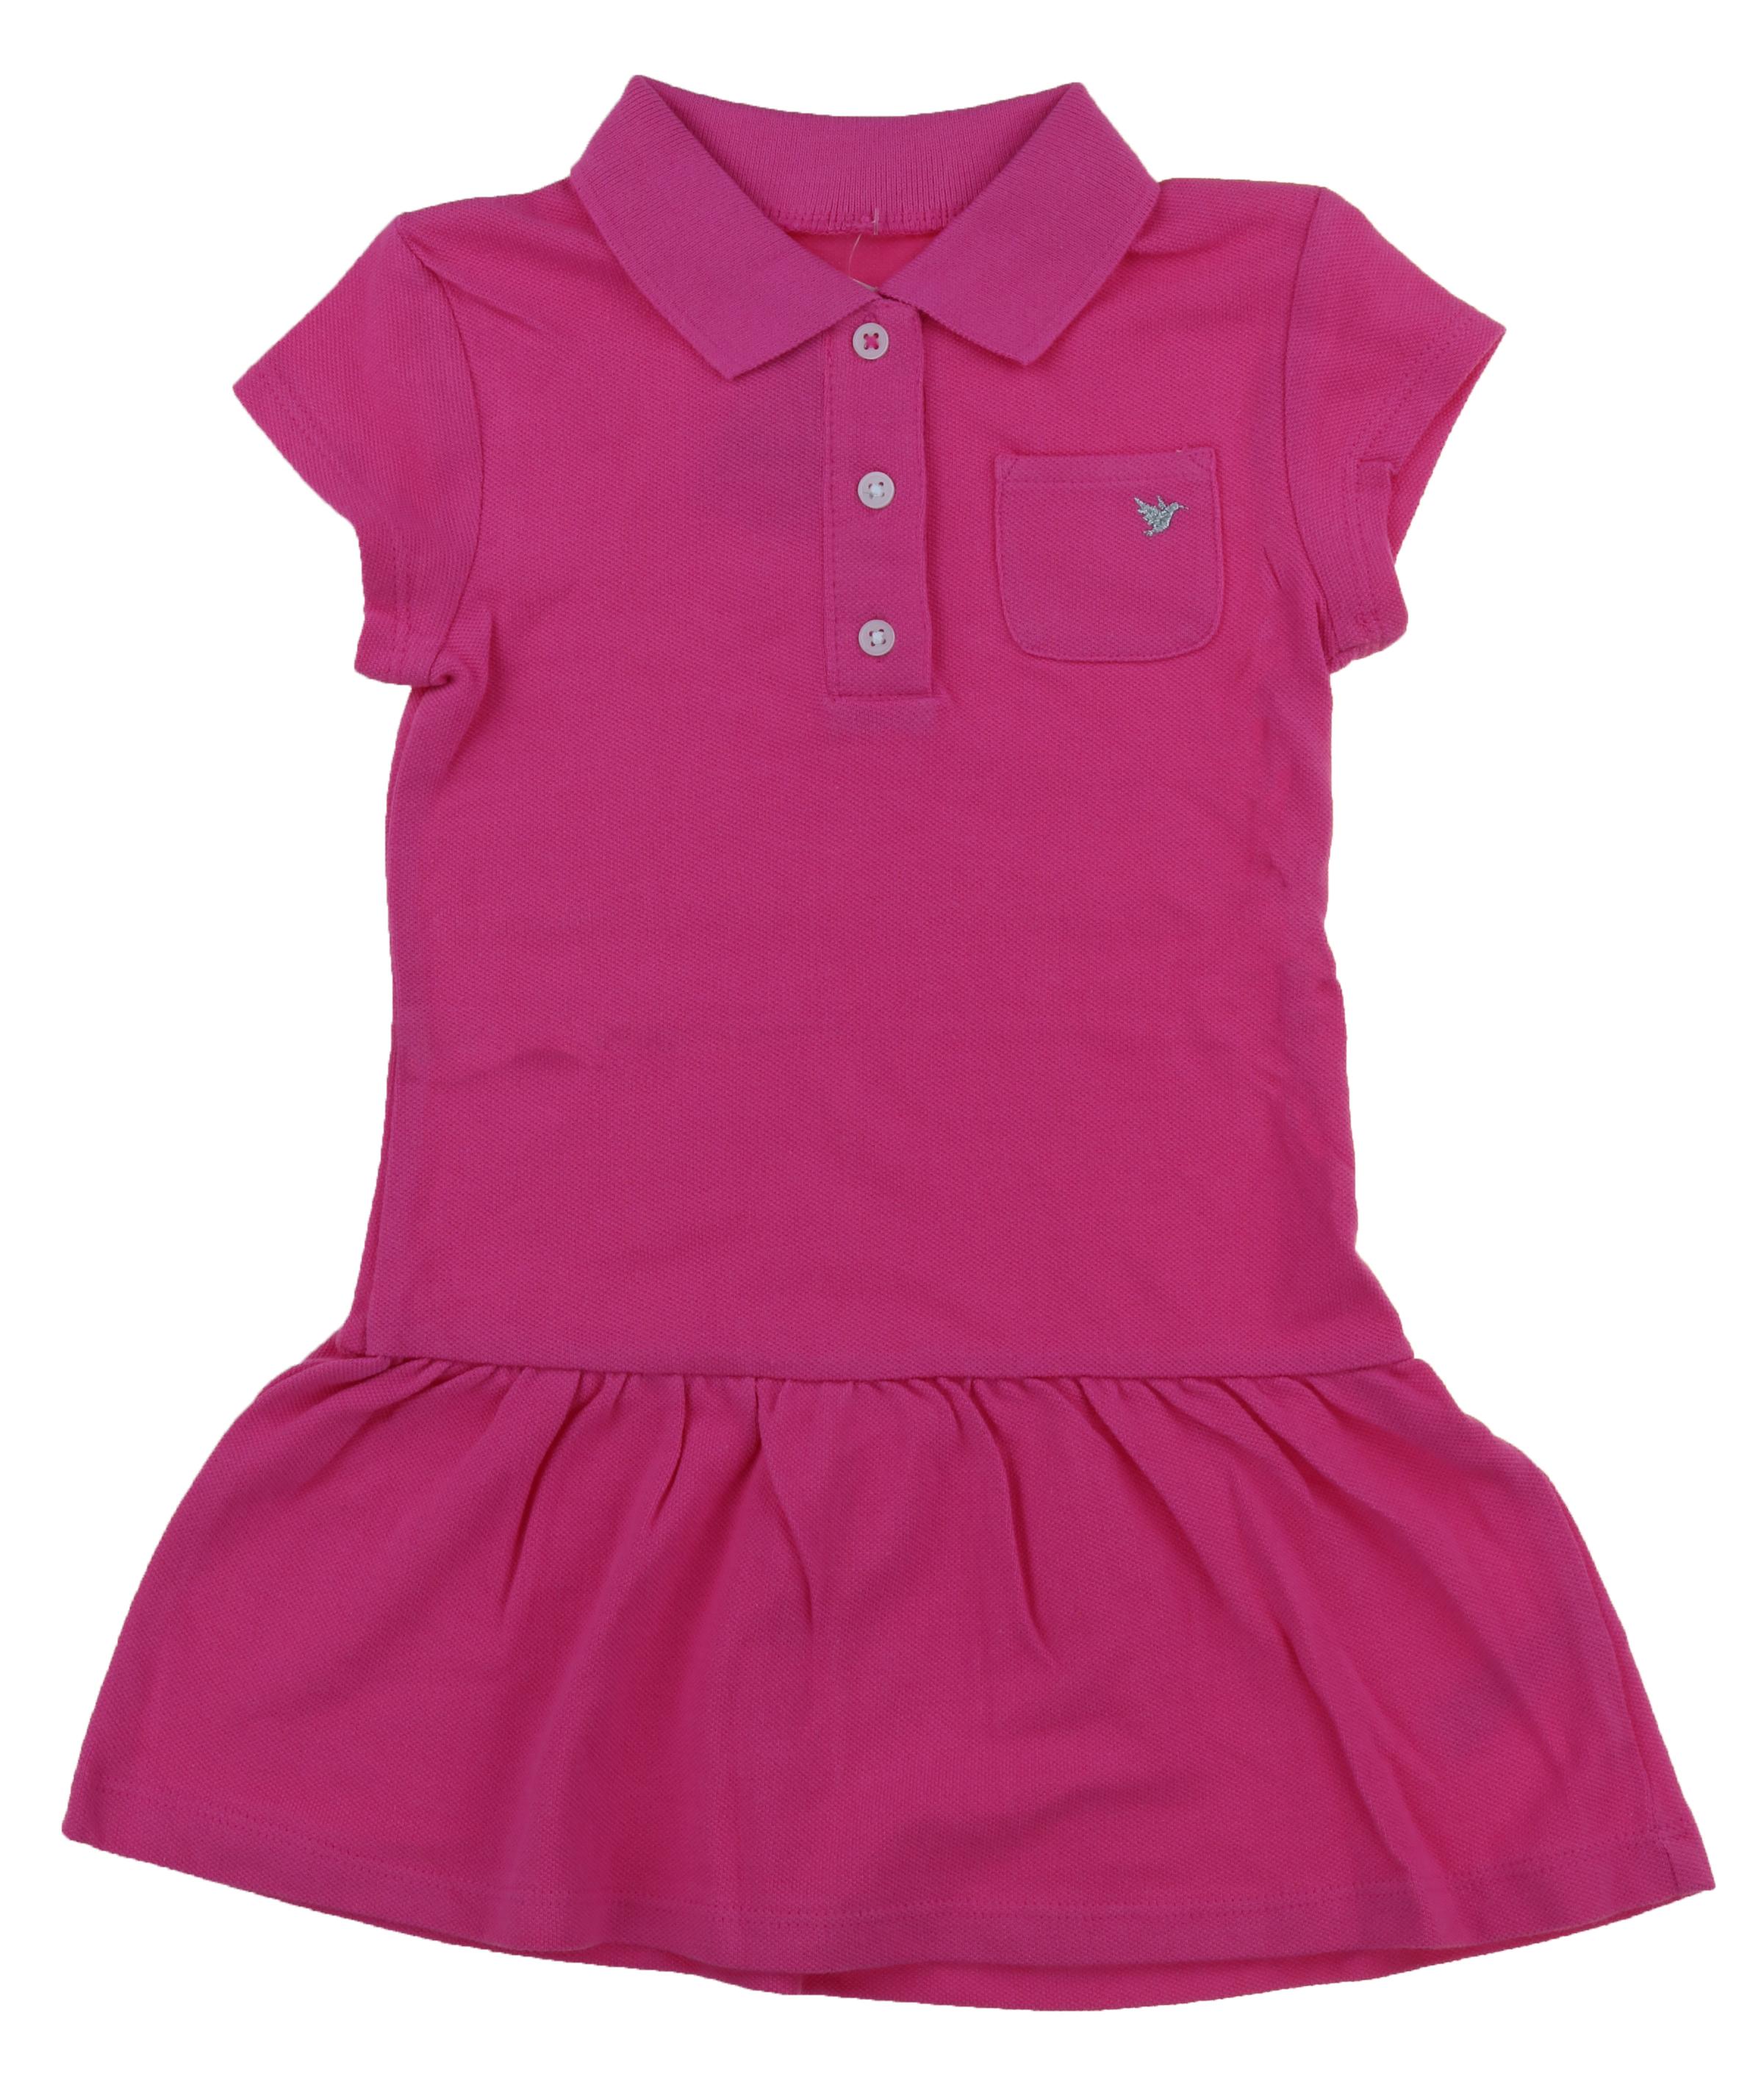 3af4efbaa6bf Girls Cute Summer Dresses - raveitsafe